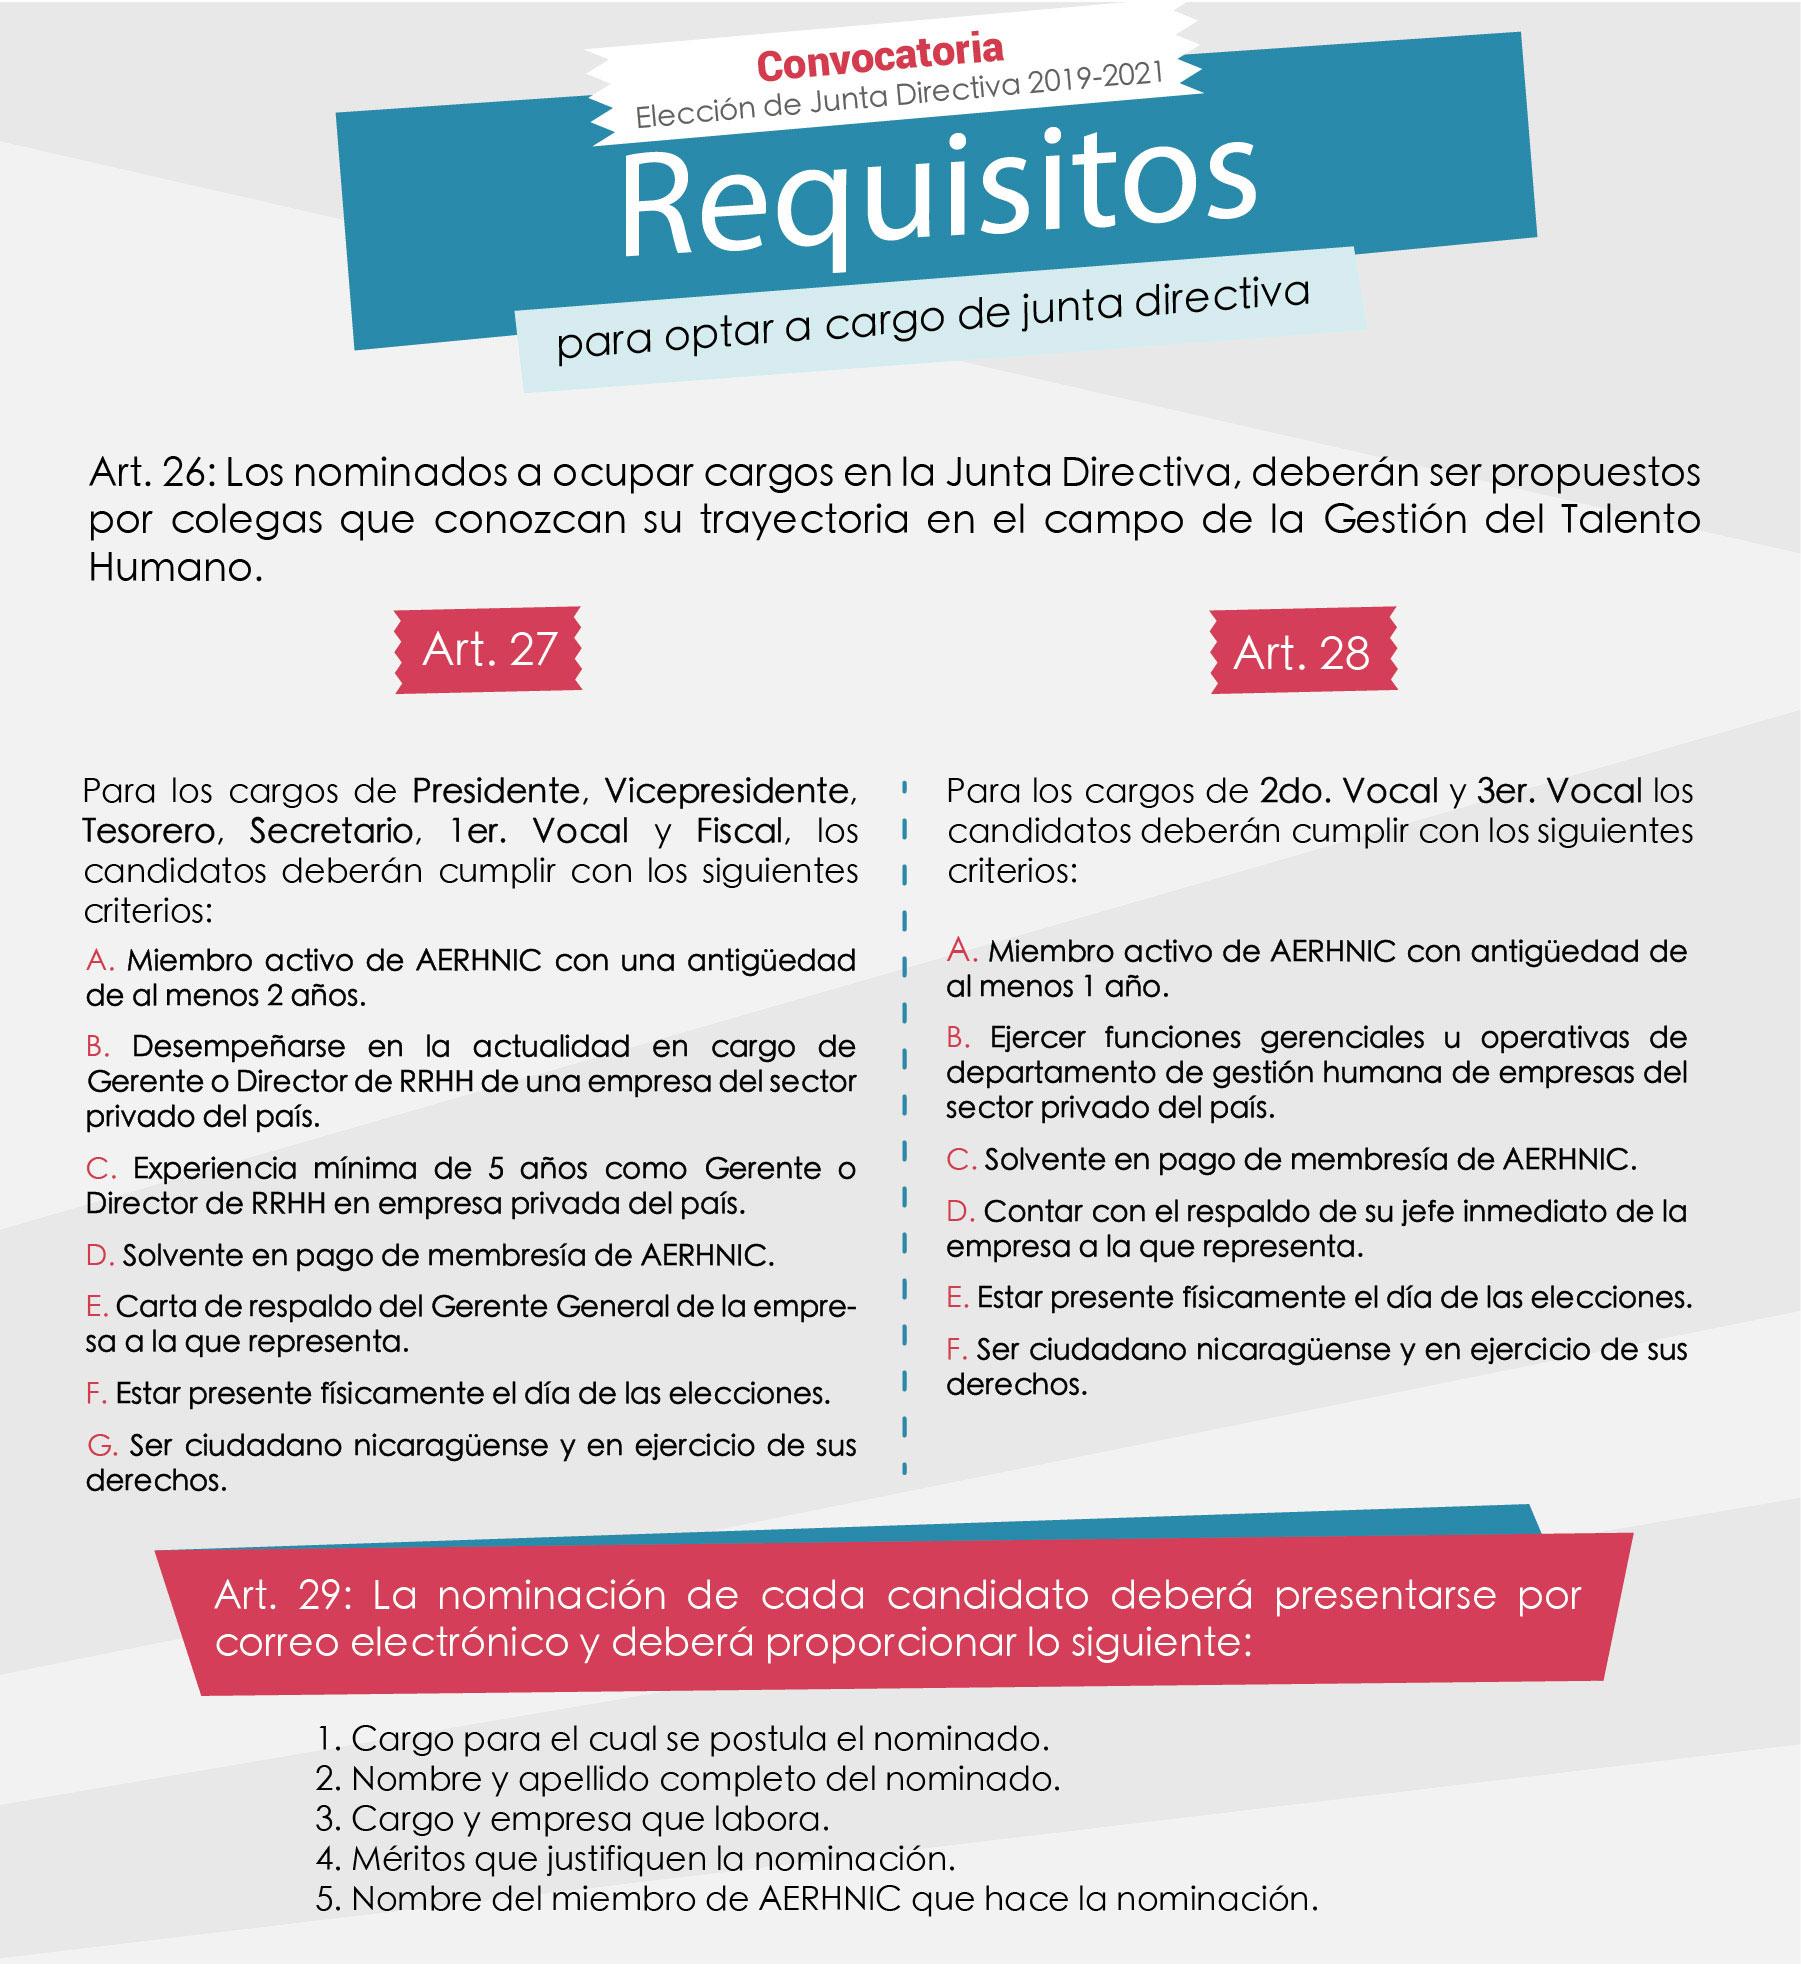 Requisitos para Junta Directiva 2019